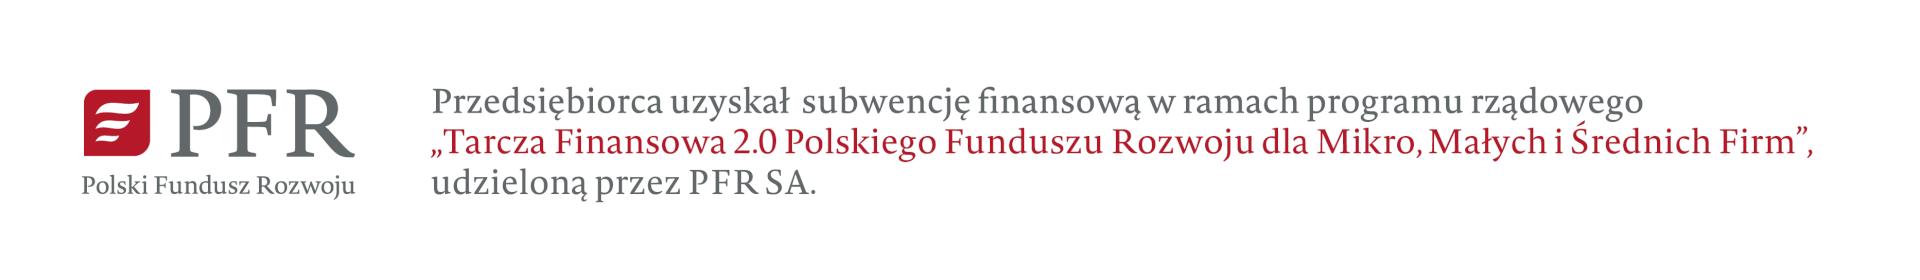 Przedsiębiorca uzyskał subwencję finansową w ramach programu rządowego